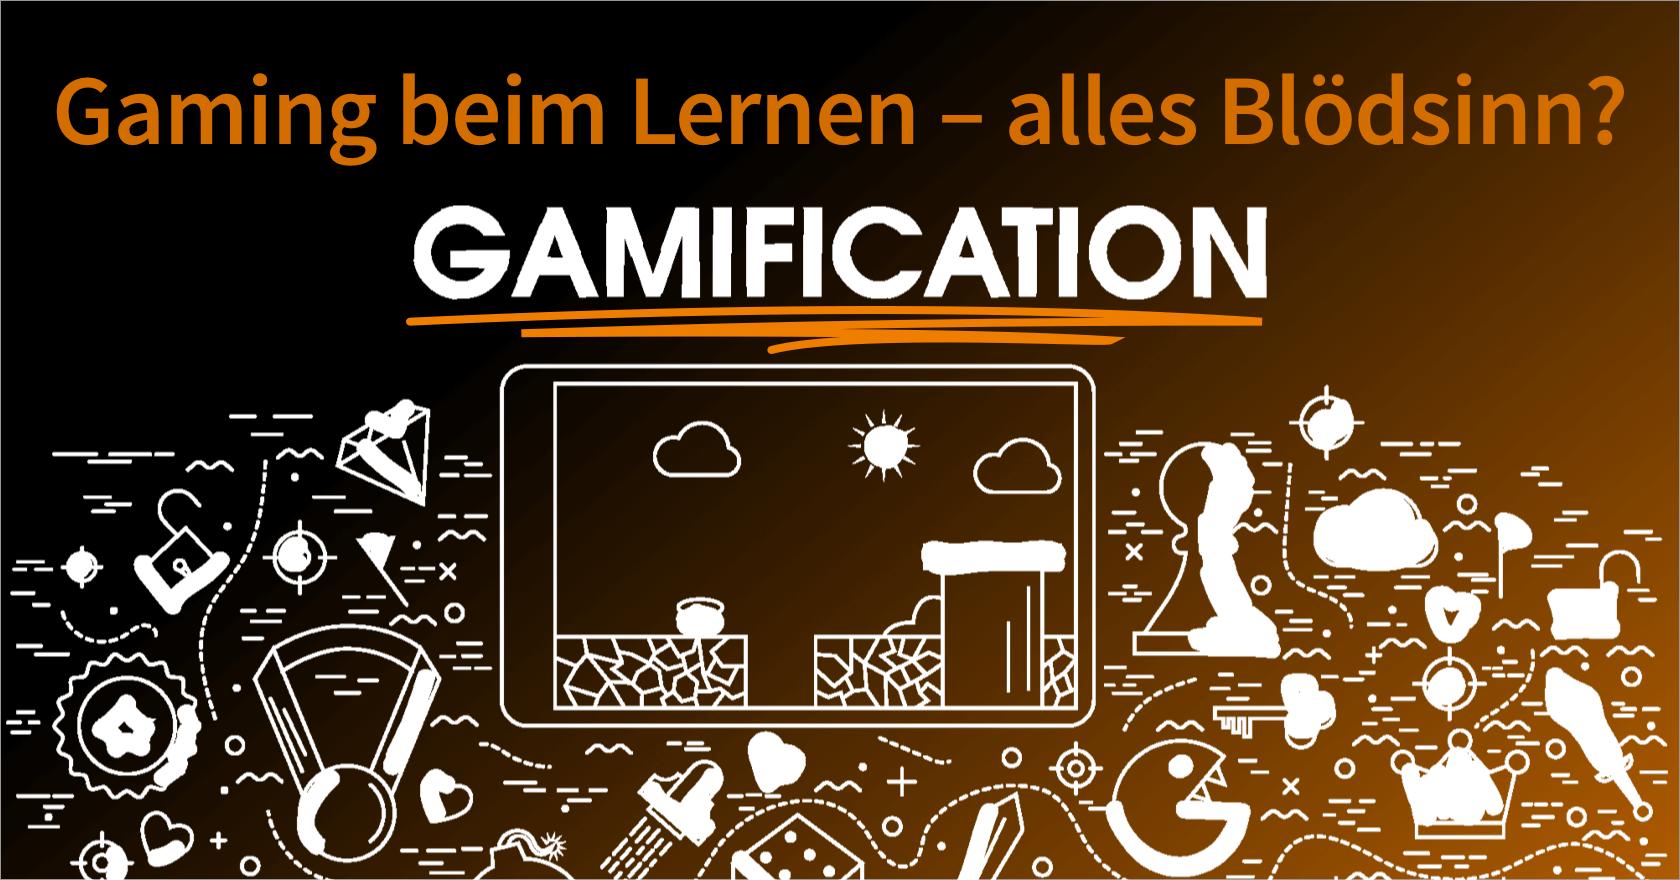 Gamification | Sie wollen eine App, Software oder Webanwendung, die auf dem Markt wettbewerbsfähig ist? Wir helfen Ihnen dabei: UX Consulting, UX Konzept & UI Design | App, Software & Web | UX-Büro in Odenthal (in der Nähe von Köln, Bergisch Gladbach, Leverkusen und Düsseldorf) | User Experience Consulting, User Experience Konzept & User Interface Design